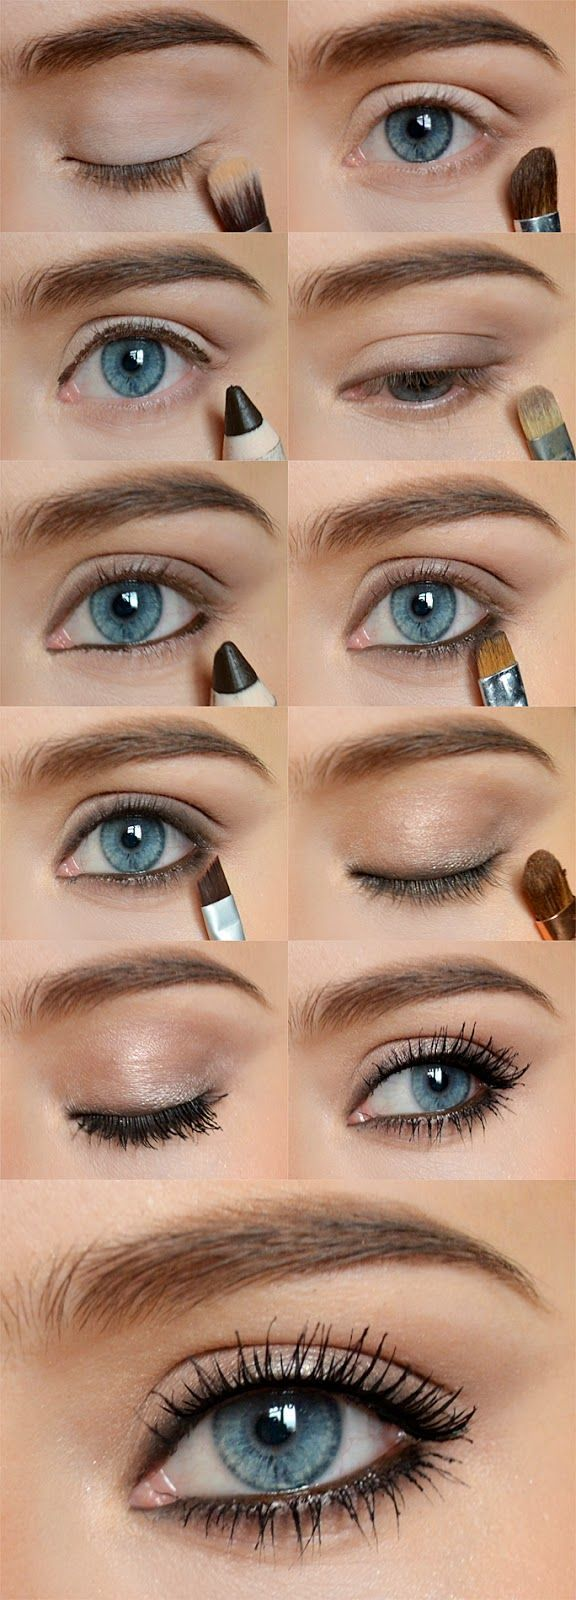 10 Urlaub Make-up-Ideen zum Ausprobieren